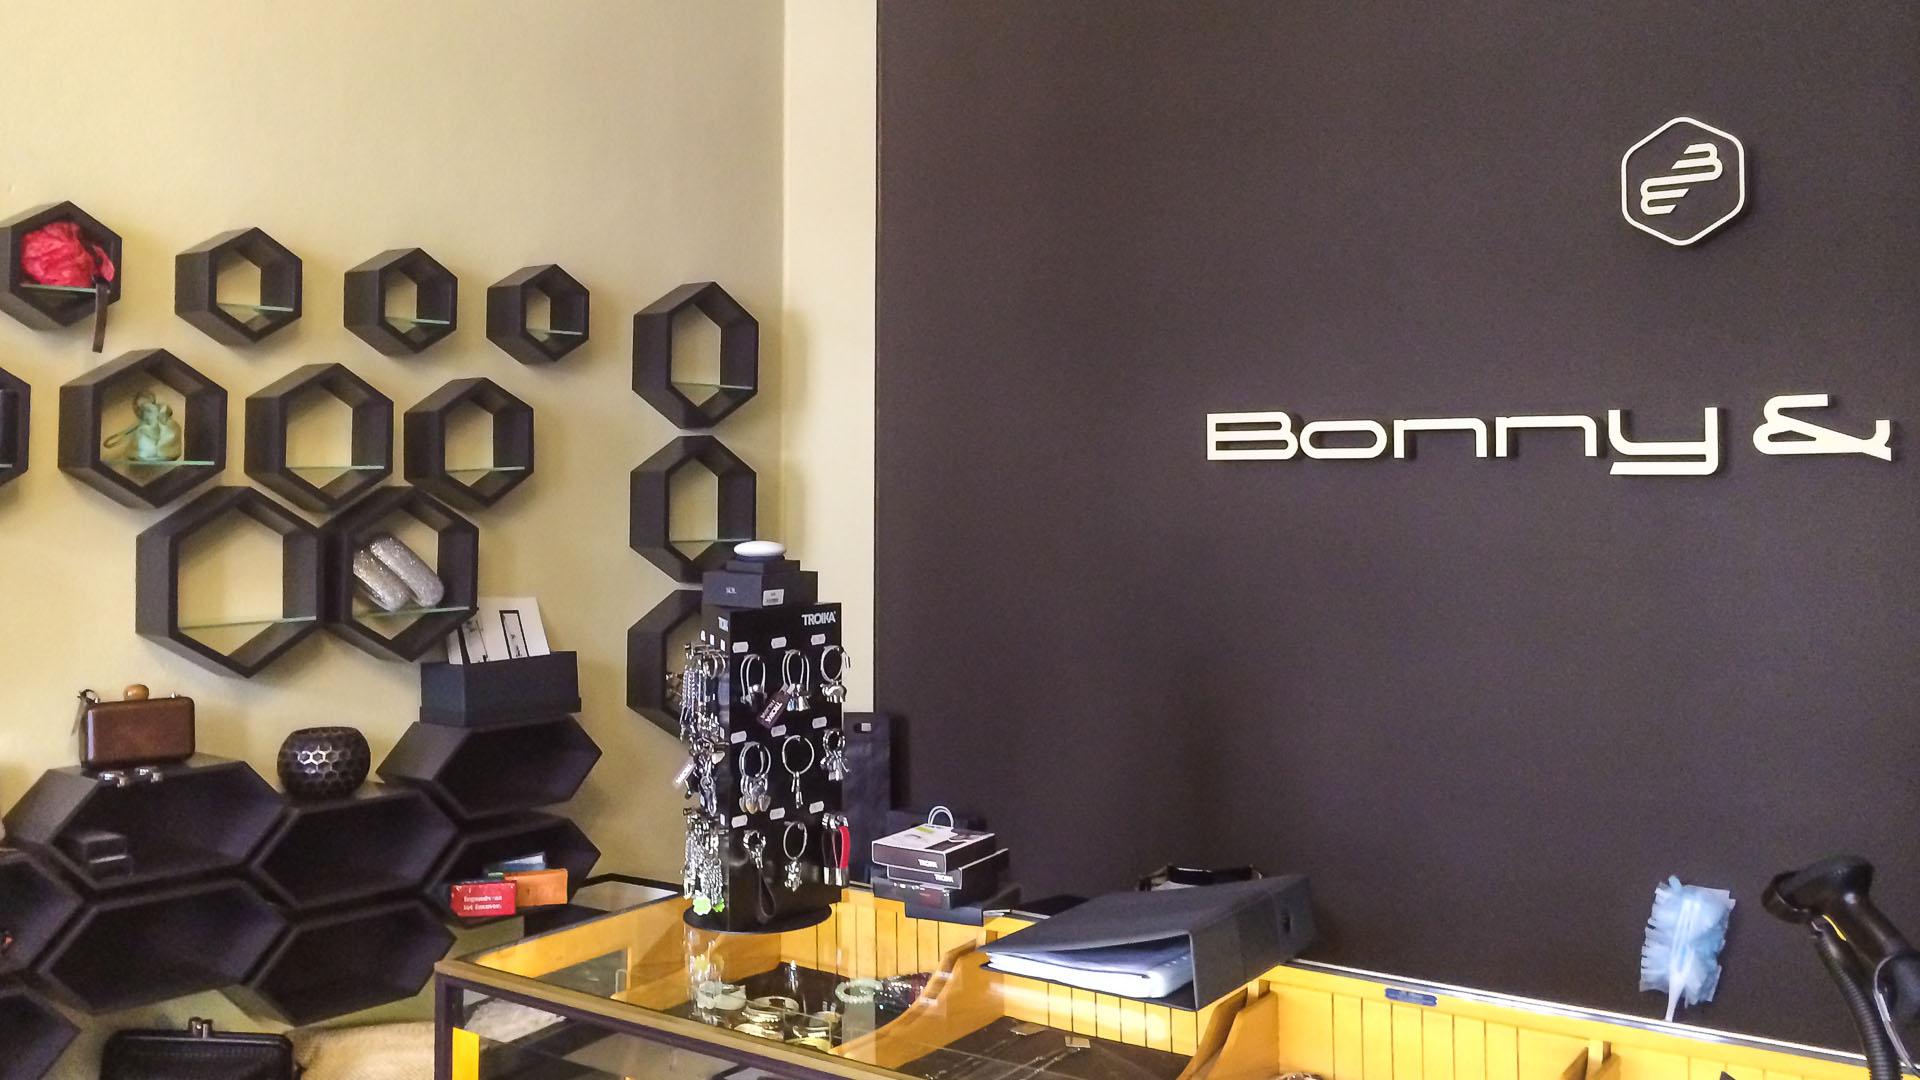 Bonny & Edd